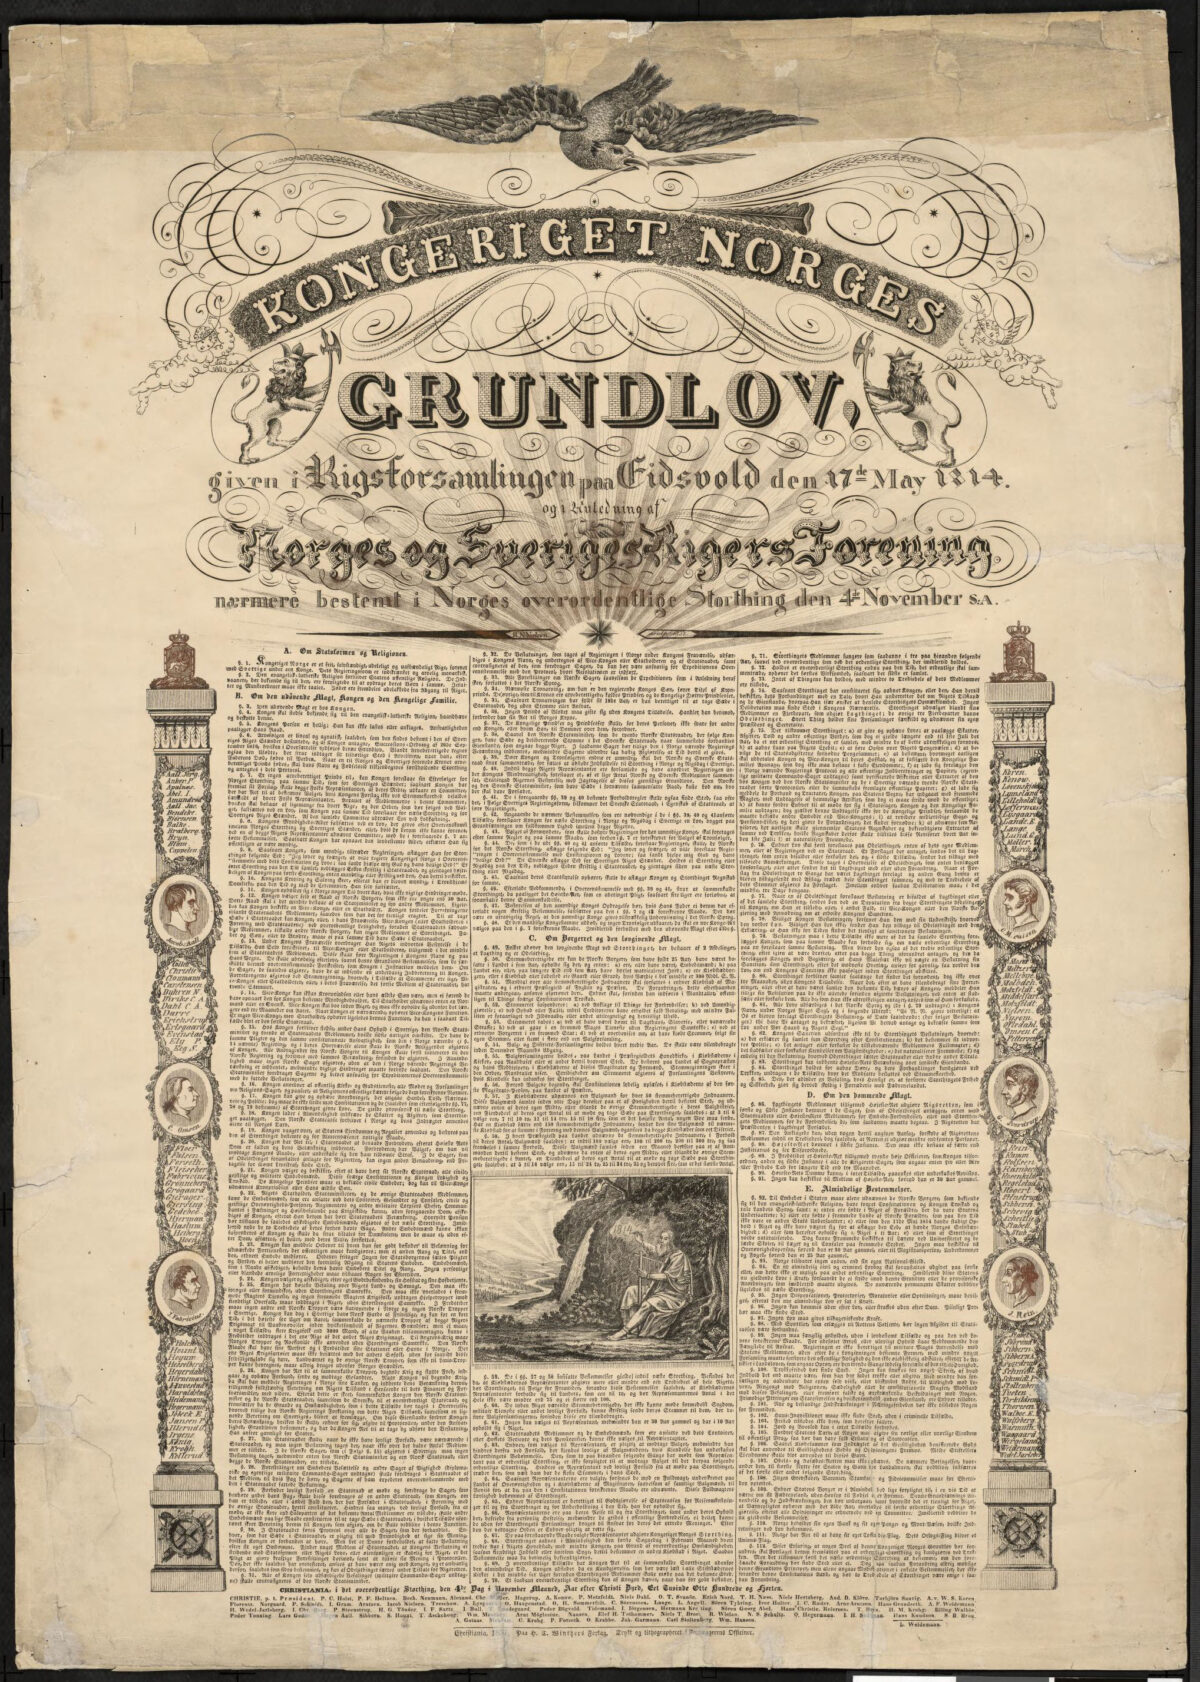 Grunnlovsplakat fra 1837 - tekst og mye ornamentikk